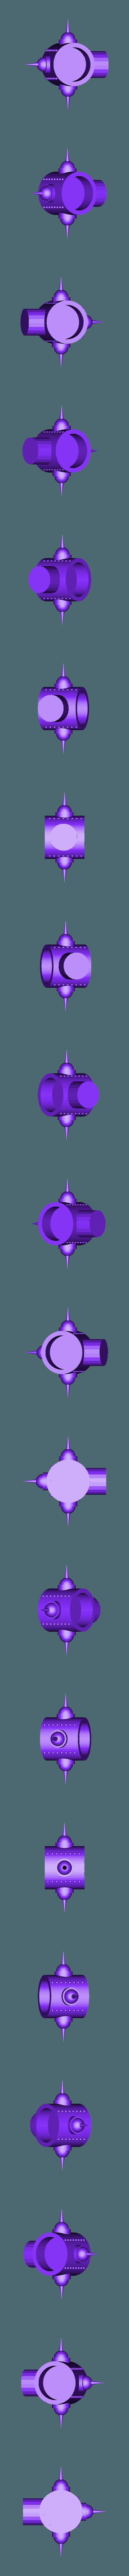 Spiked_shoulder.stl Télécharger fichier STL gratuit Ork Great Gargant 6mm Epic Scale Proxy model • Objet à imprimer en 3D, redstarkits